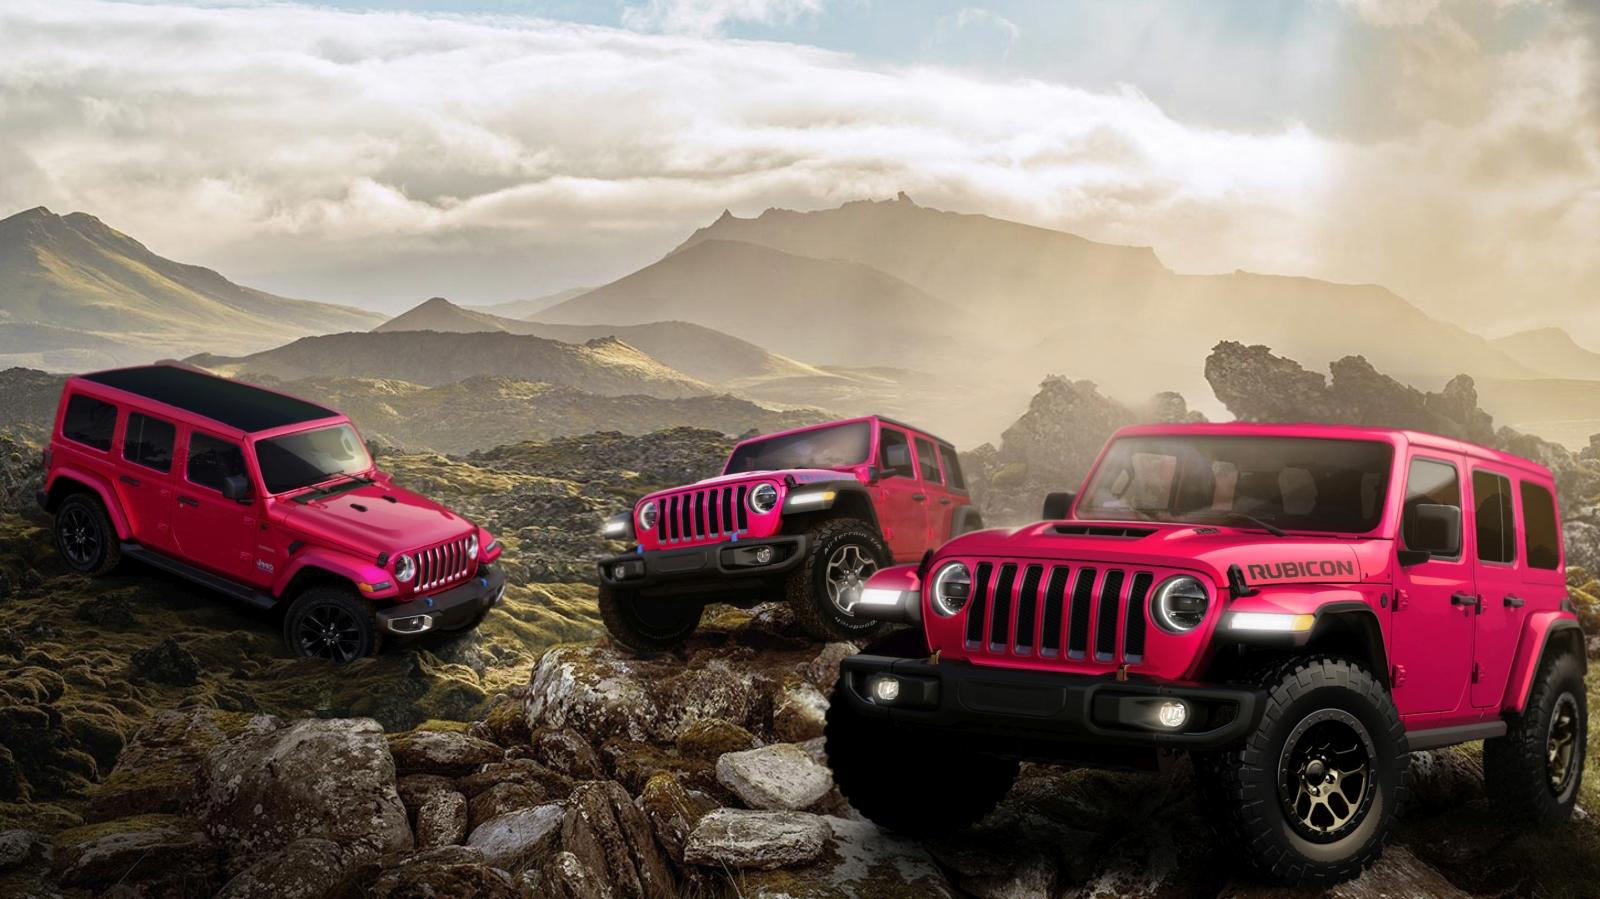 2021 Jeep® Wrangler Sahara 4xe, Wrangler Rubicon 4xe and Wrangl